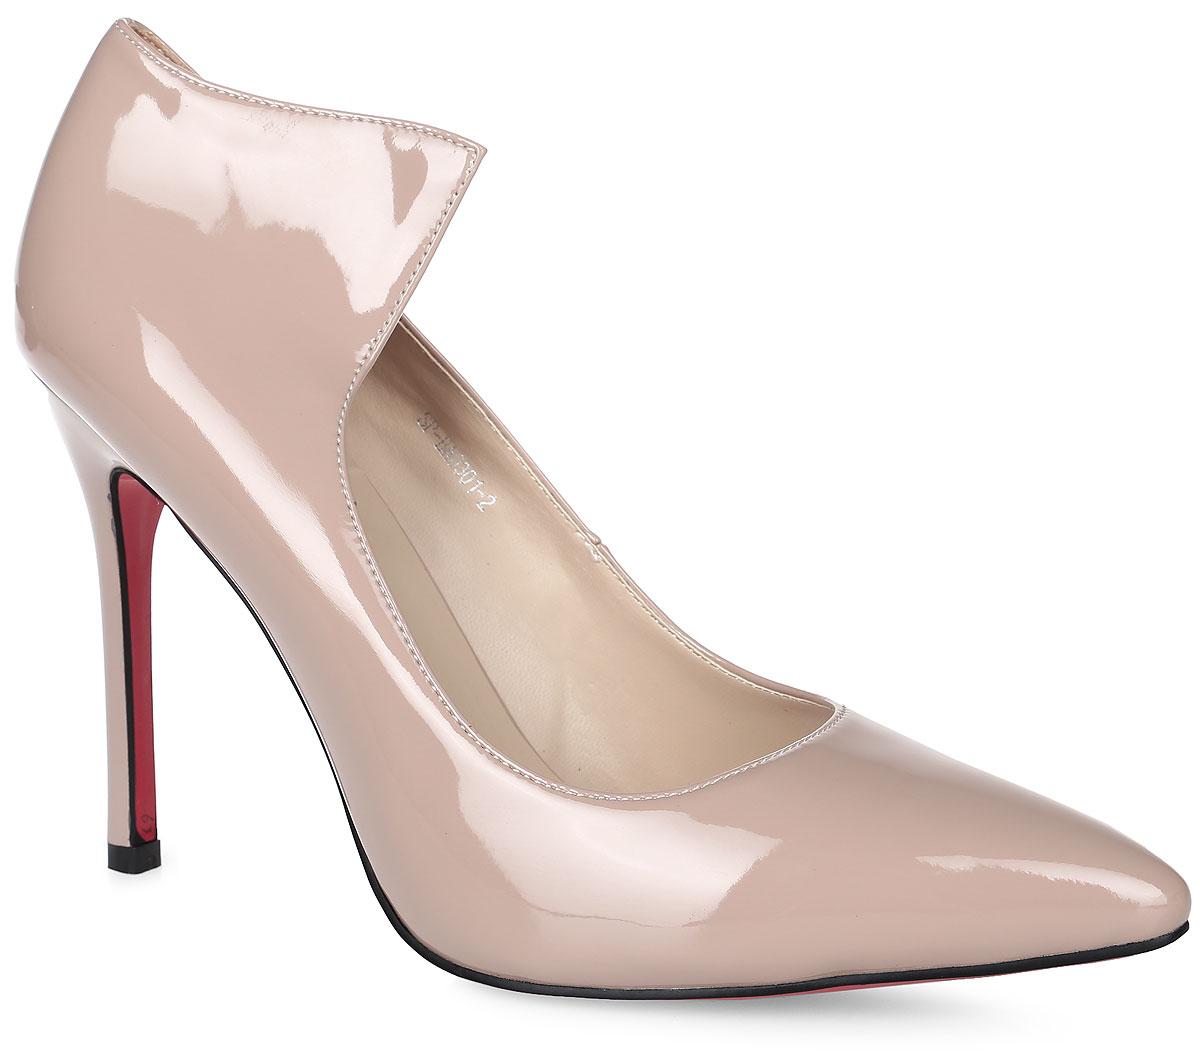 Туфли женские LK Collection, цвет: бежевый. SP-BA0301-2. Размер 38SP-BA0301-2Элегантные туфли выполнены из искусственной лаковой кожи. Стелька выполнена из натуральной кожи, которая обеспечит комфорт при движении и предотвратит натирание. Модель оснащена высоким тонким каблуком. Подошва выполнена из термопластичного материала.